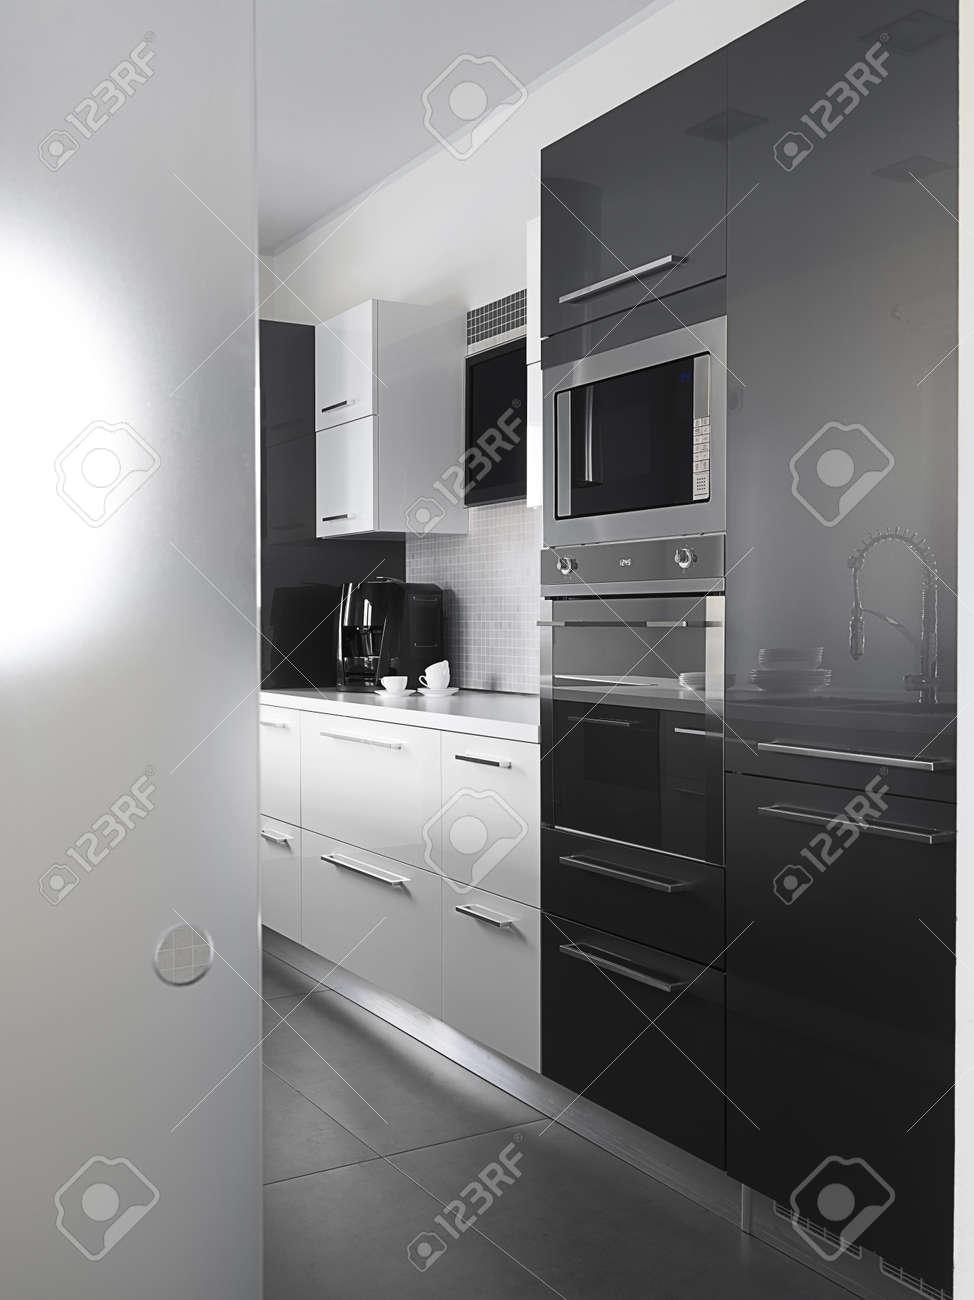 Cucina Moderna Con Pavimento In Piastrelle Grigio E Muro Bianco ...